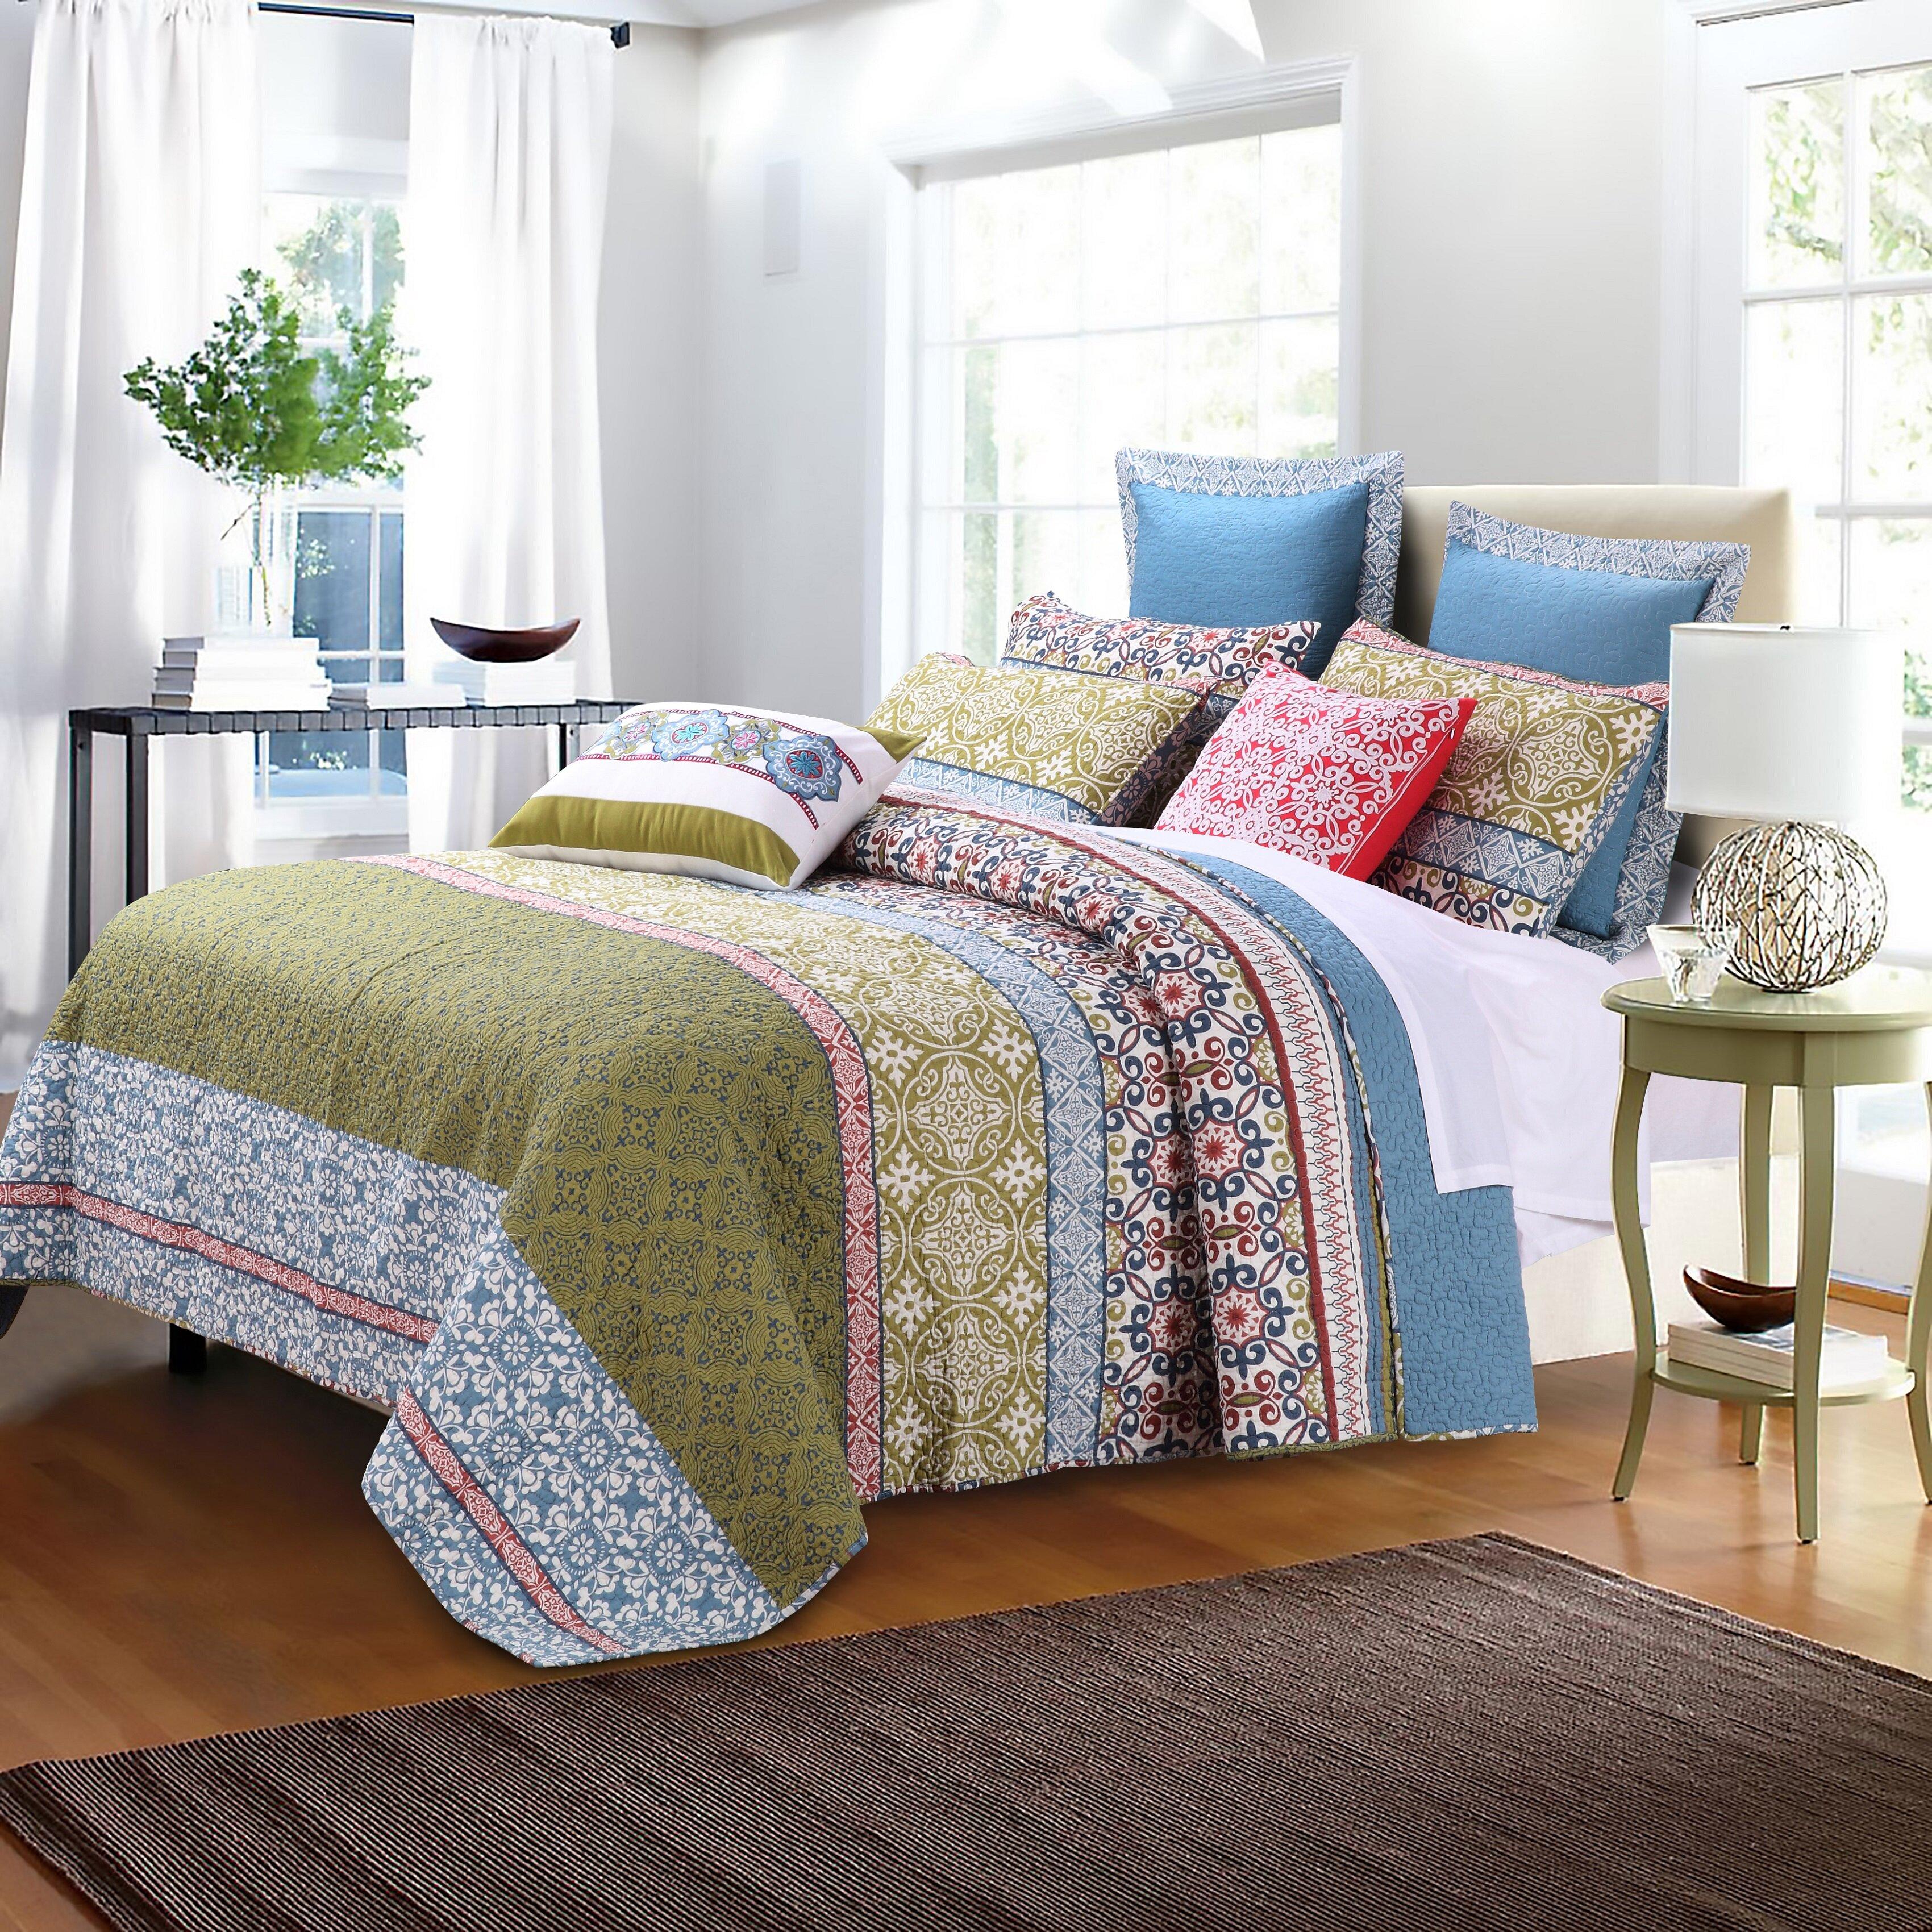 Greenland Home Fashions Shangri La Quilt Set Reviews